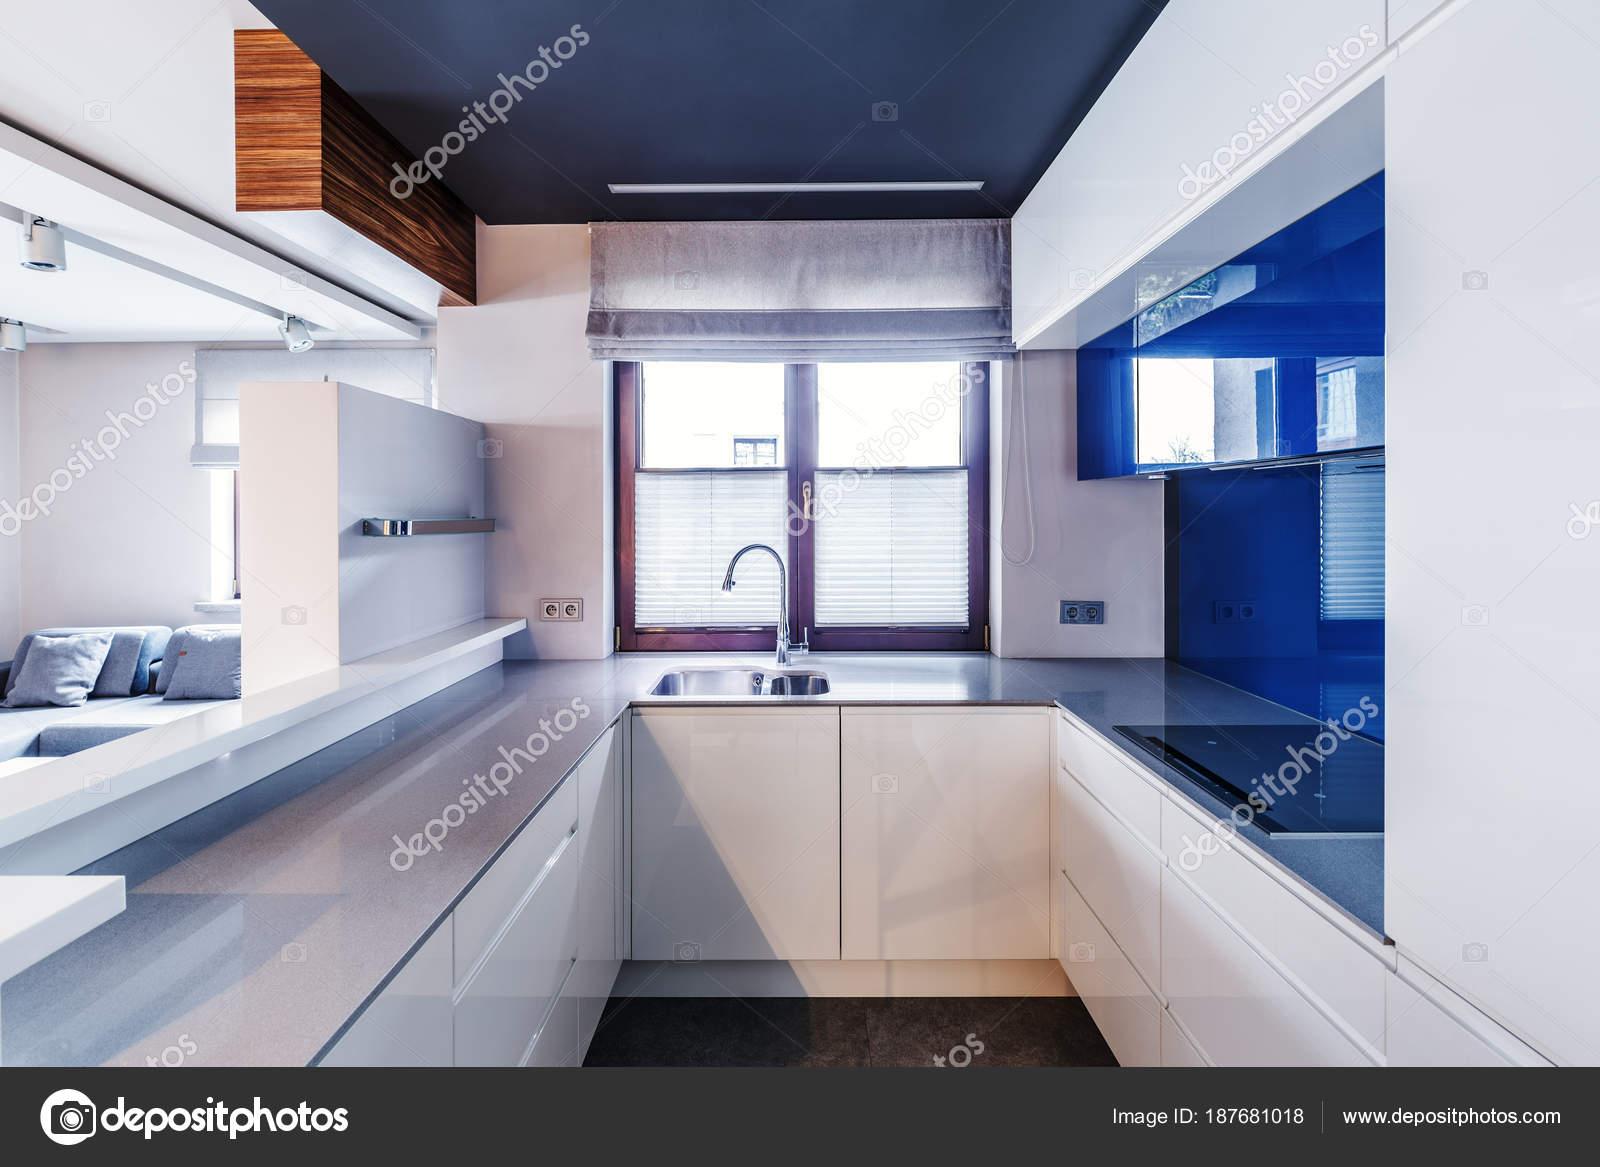 Fein Blauer Kreide Malen Küchenschränke Ideen - Küche Set Ideen ...